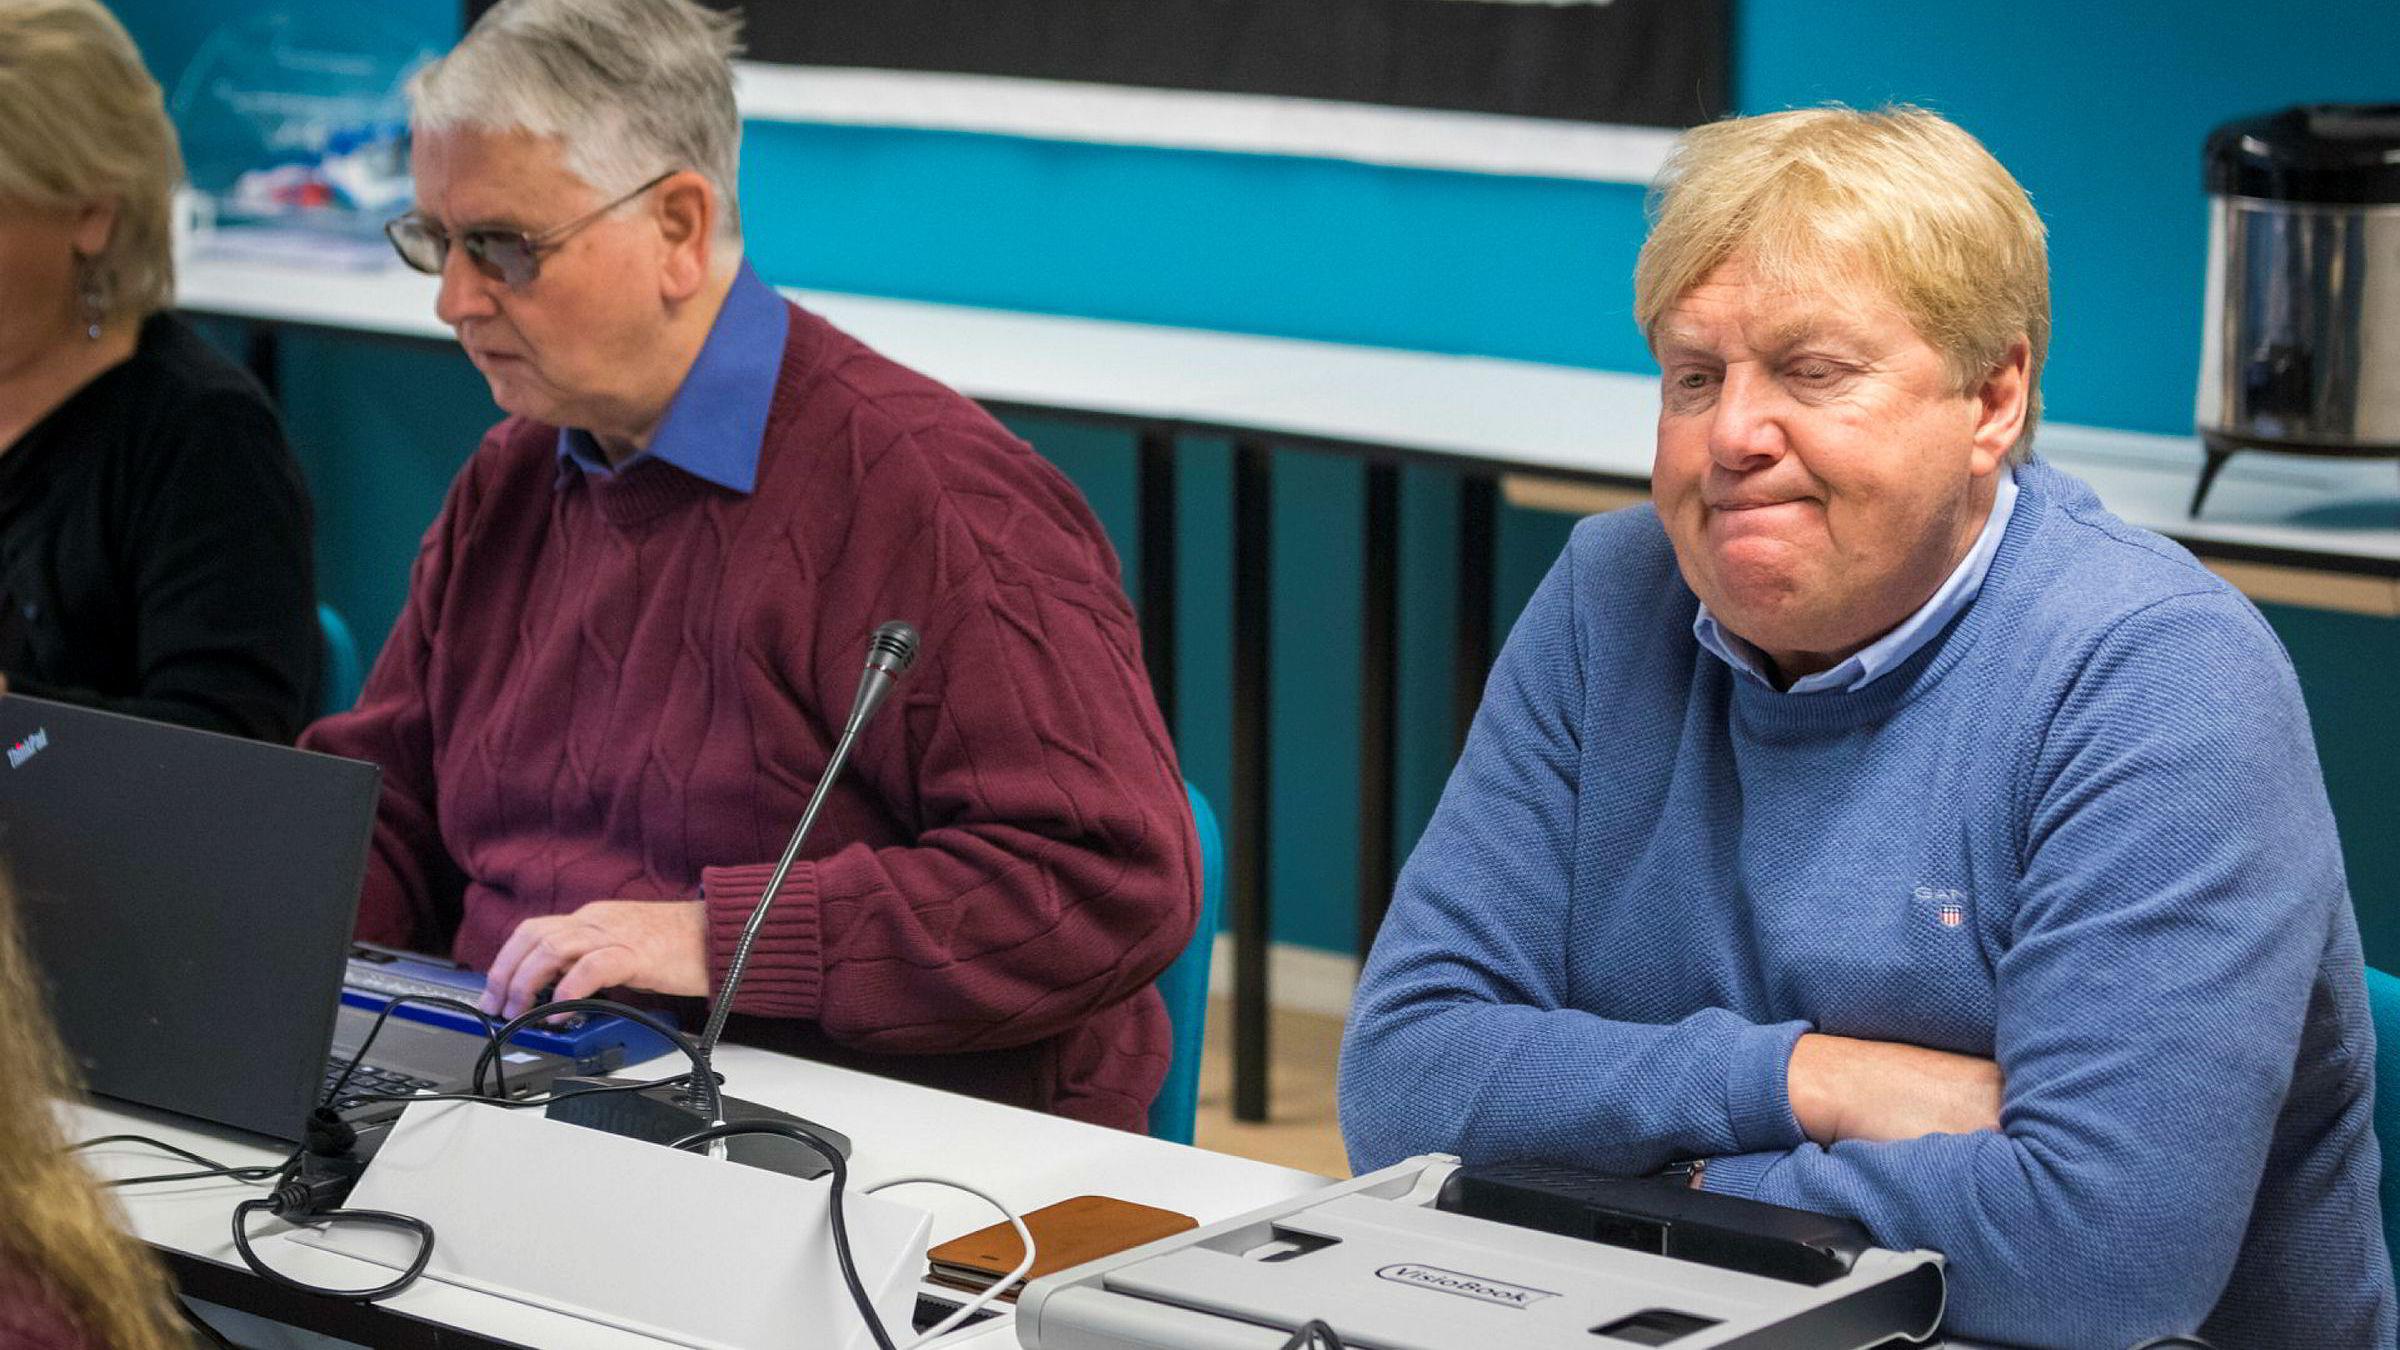 Bingo for Blindeforbund-topp: Assisterende generalsekretær Karsten Aak, til høyre, i Norges Blindeforbund har tjent millioner privat på forbundets satsing på spill og bingo. Her er han under organisasjonens landsstyremøte på Hurdal syn- og mestringssenter sammen med tidligere generalsekretær, nå seniorrådgiver Gunnar Haugsveen.